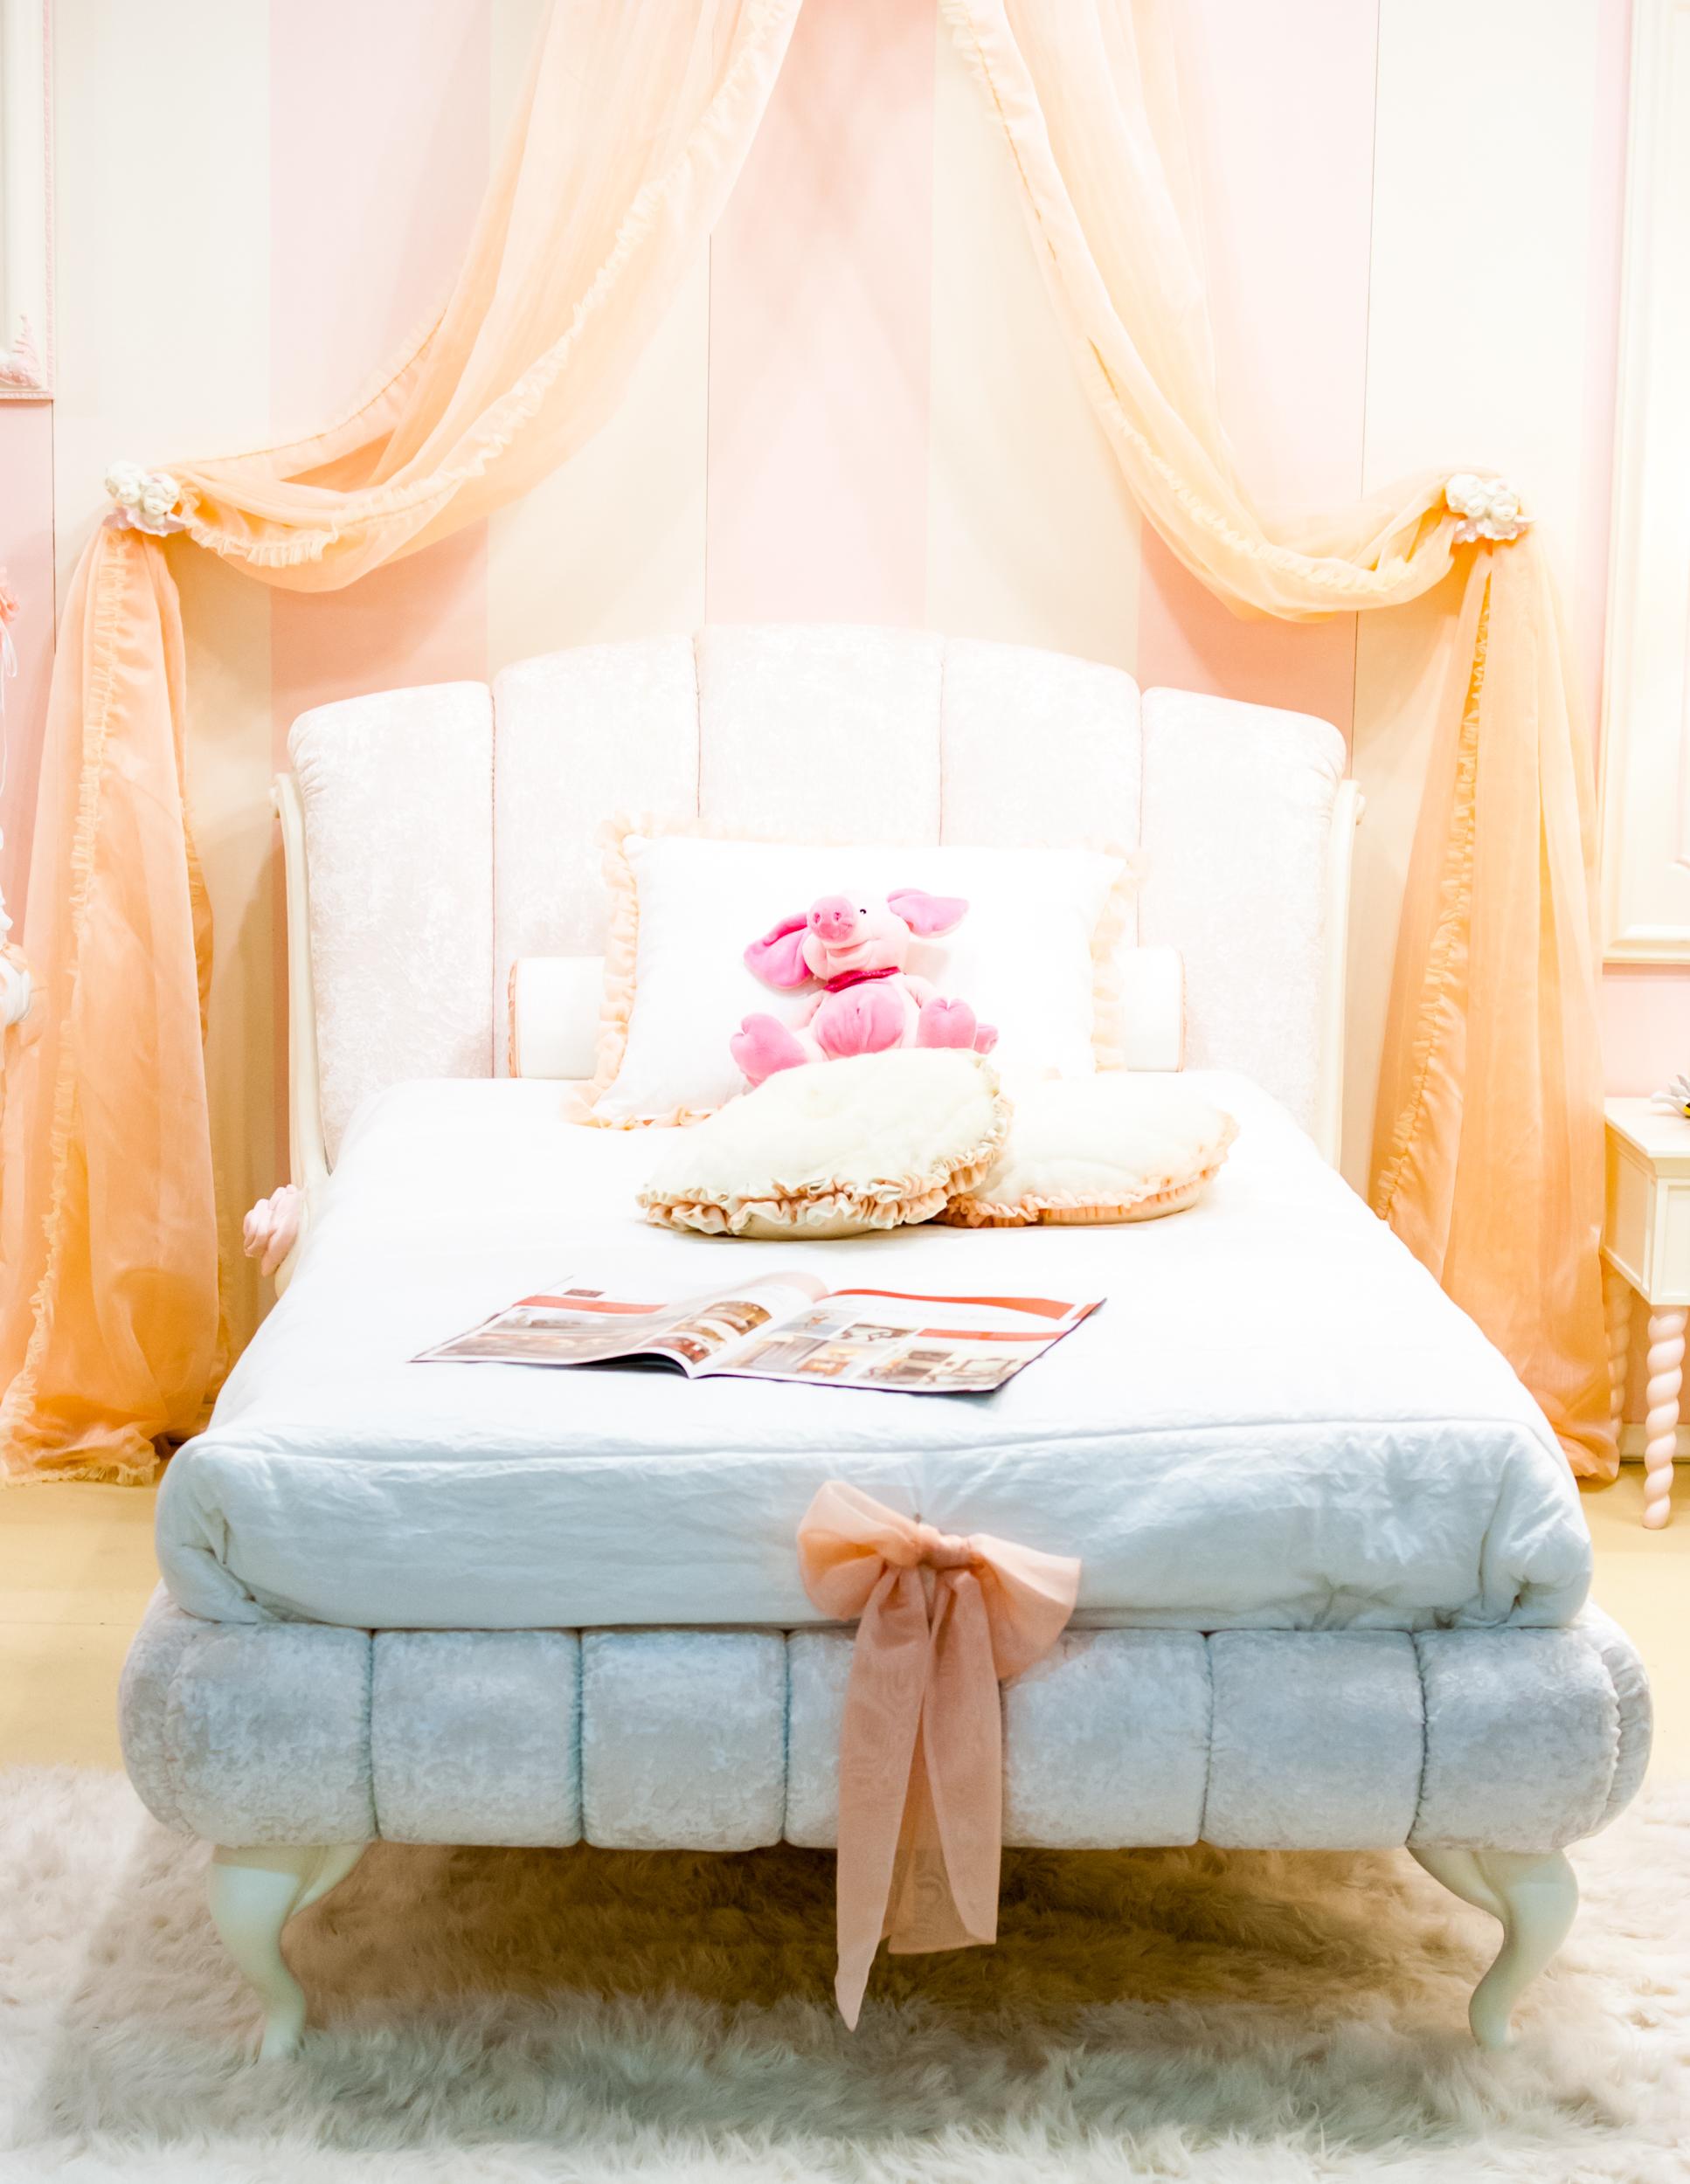 гламурная кровать для девушки